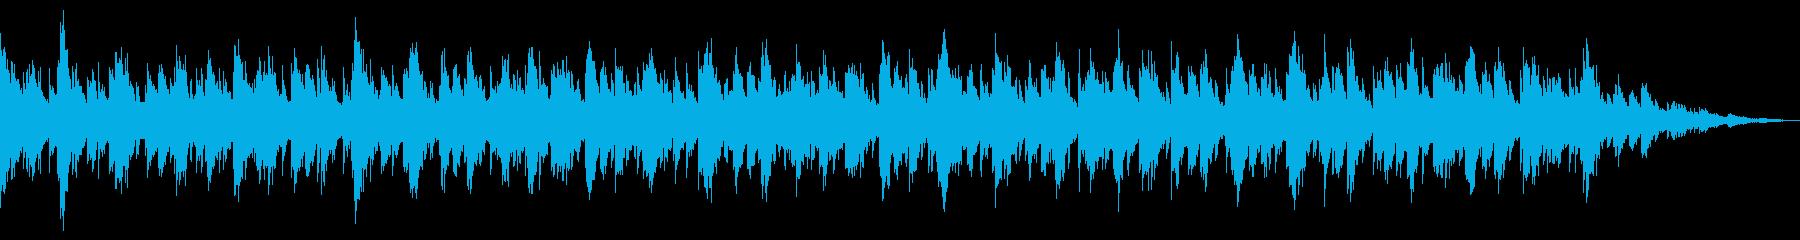 ピアノを用いたリズムのない環境音楽の再生済みの波形